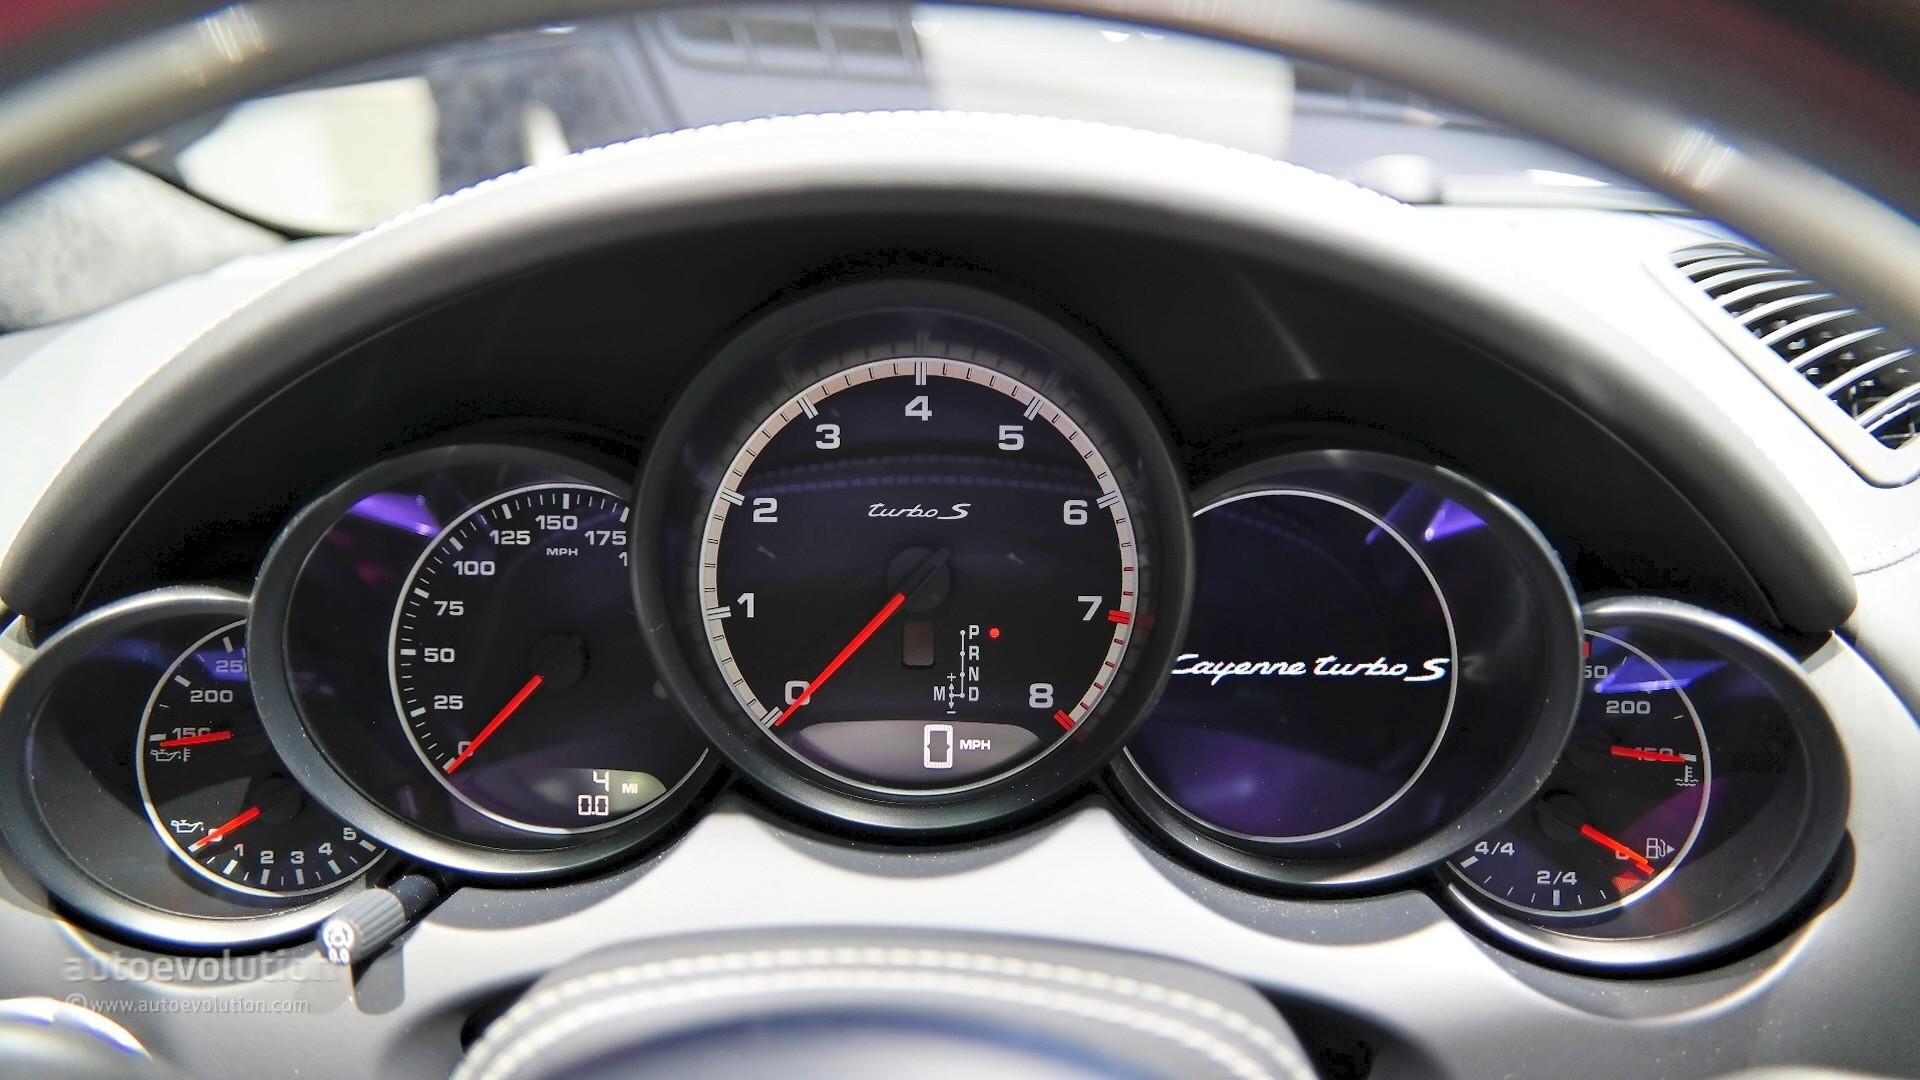 2015 porsche cayenne turbo s facelift surprise unveiling in detroit live photos autoevolution - Porsche Cayenne Turbo S 2015